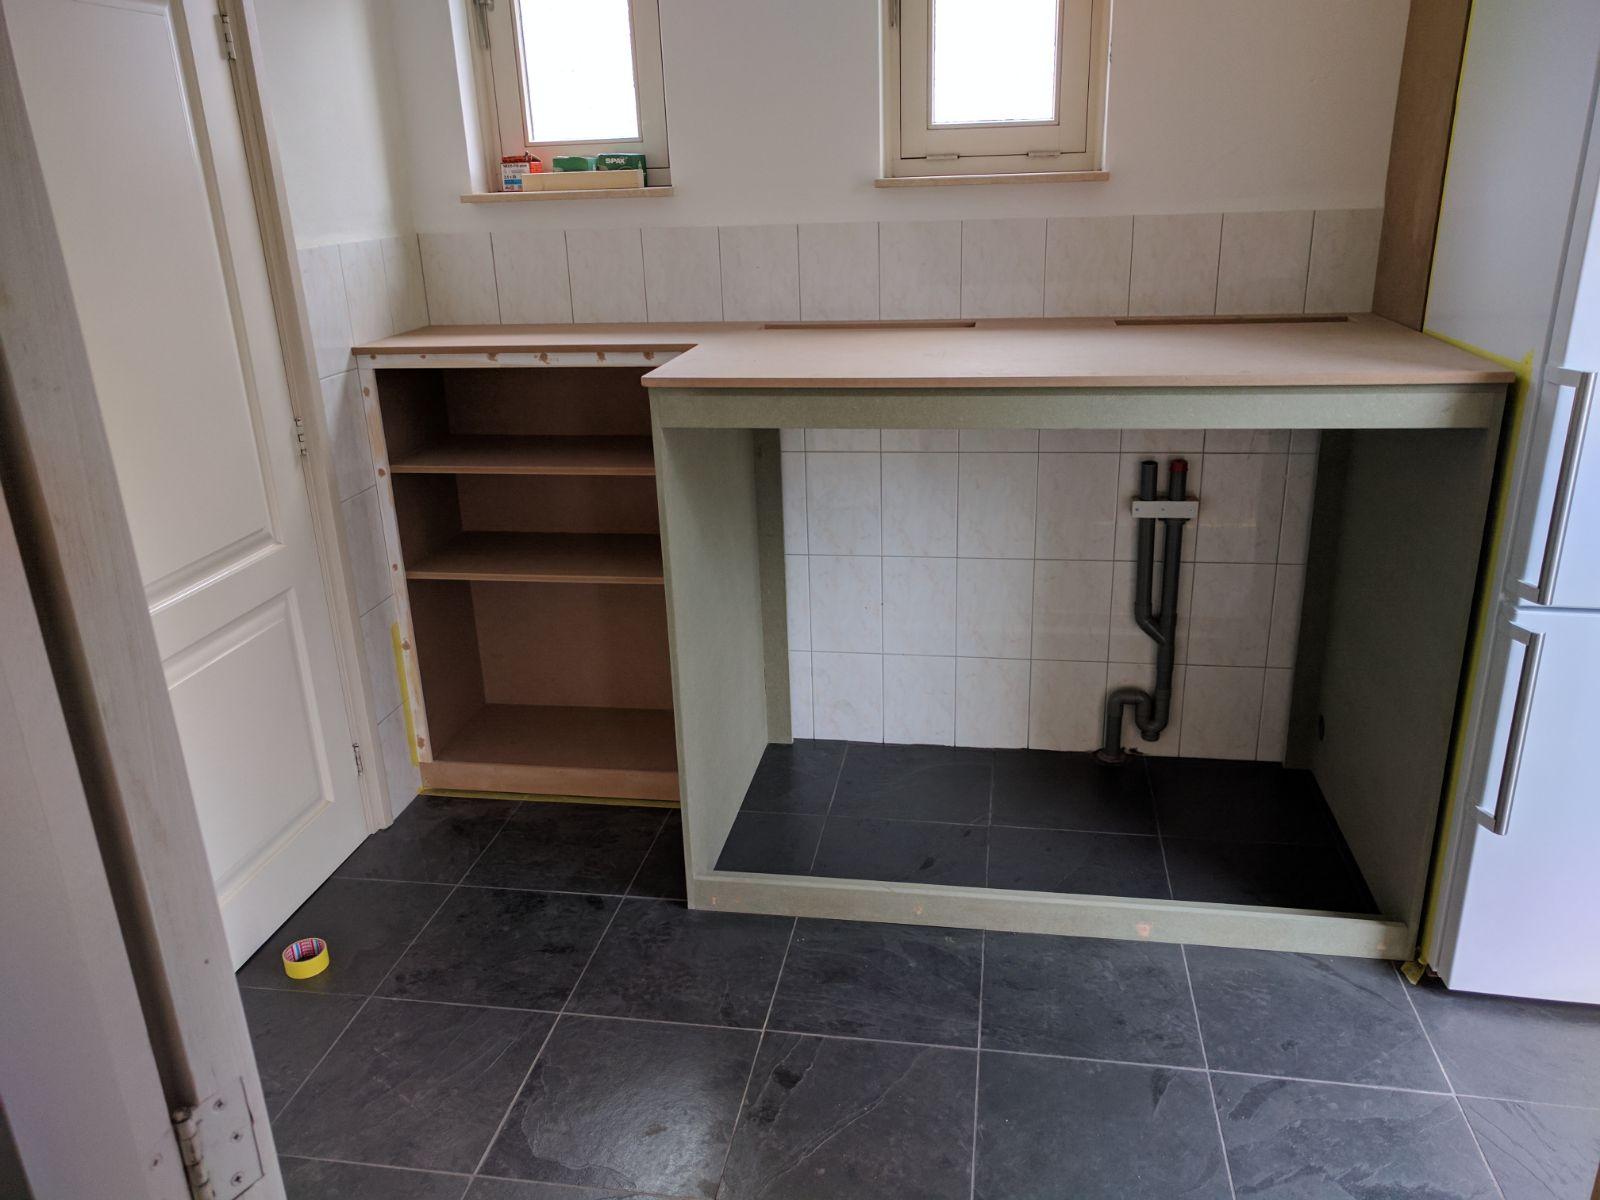 https://huis.harriedelaat.nl/m38/wasmachinekast/images/03_Wasmachinekast.jpg